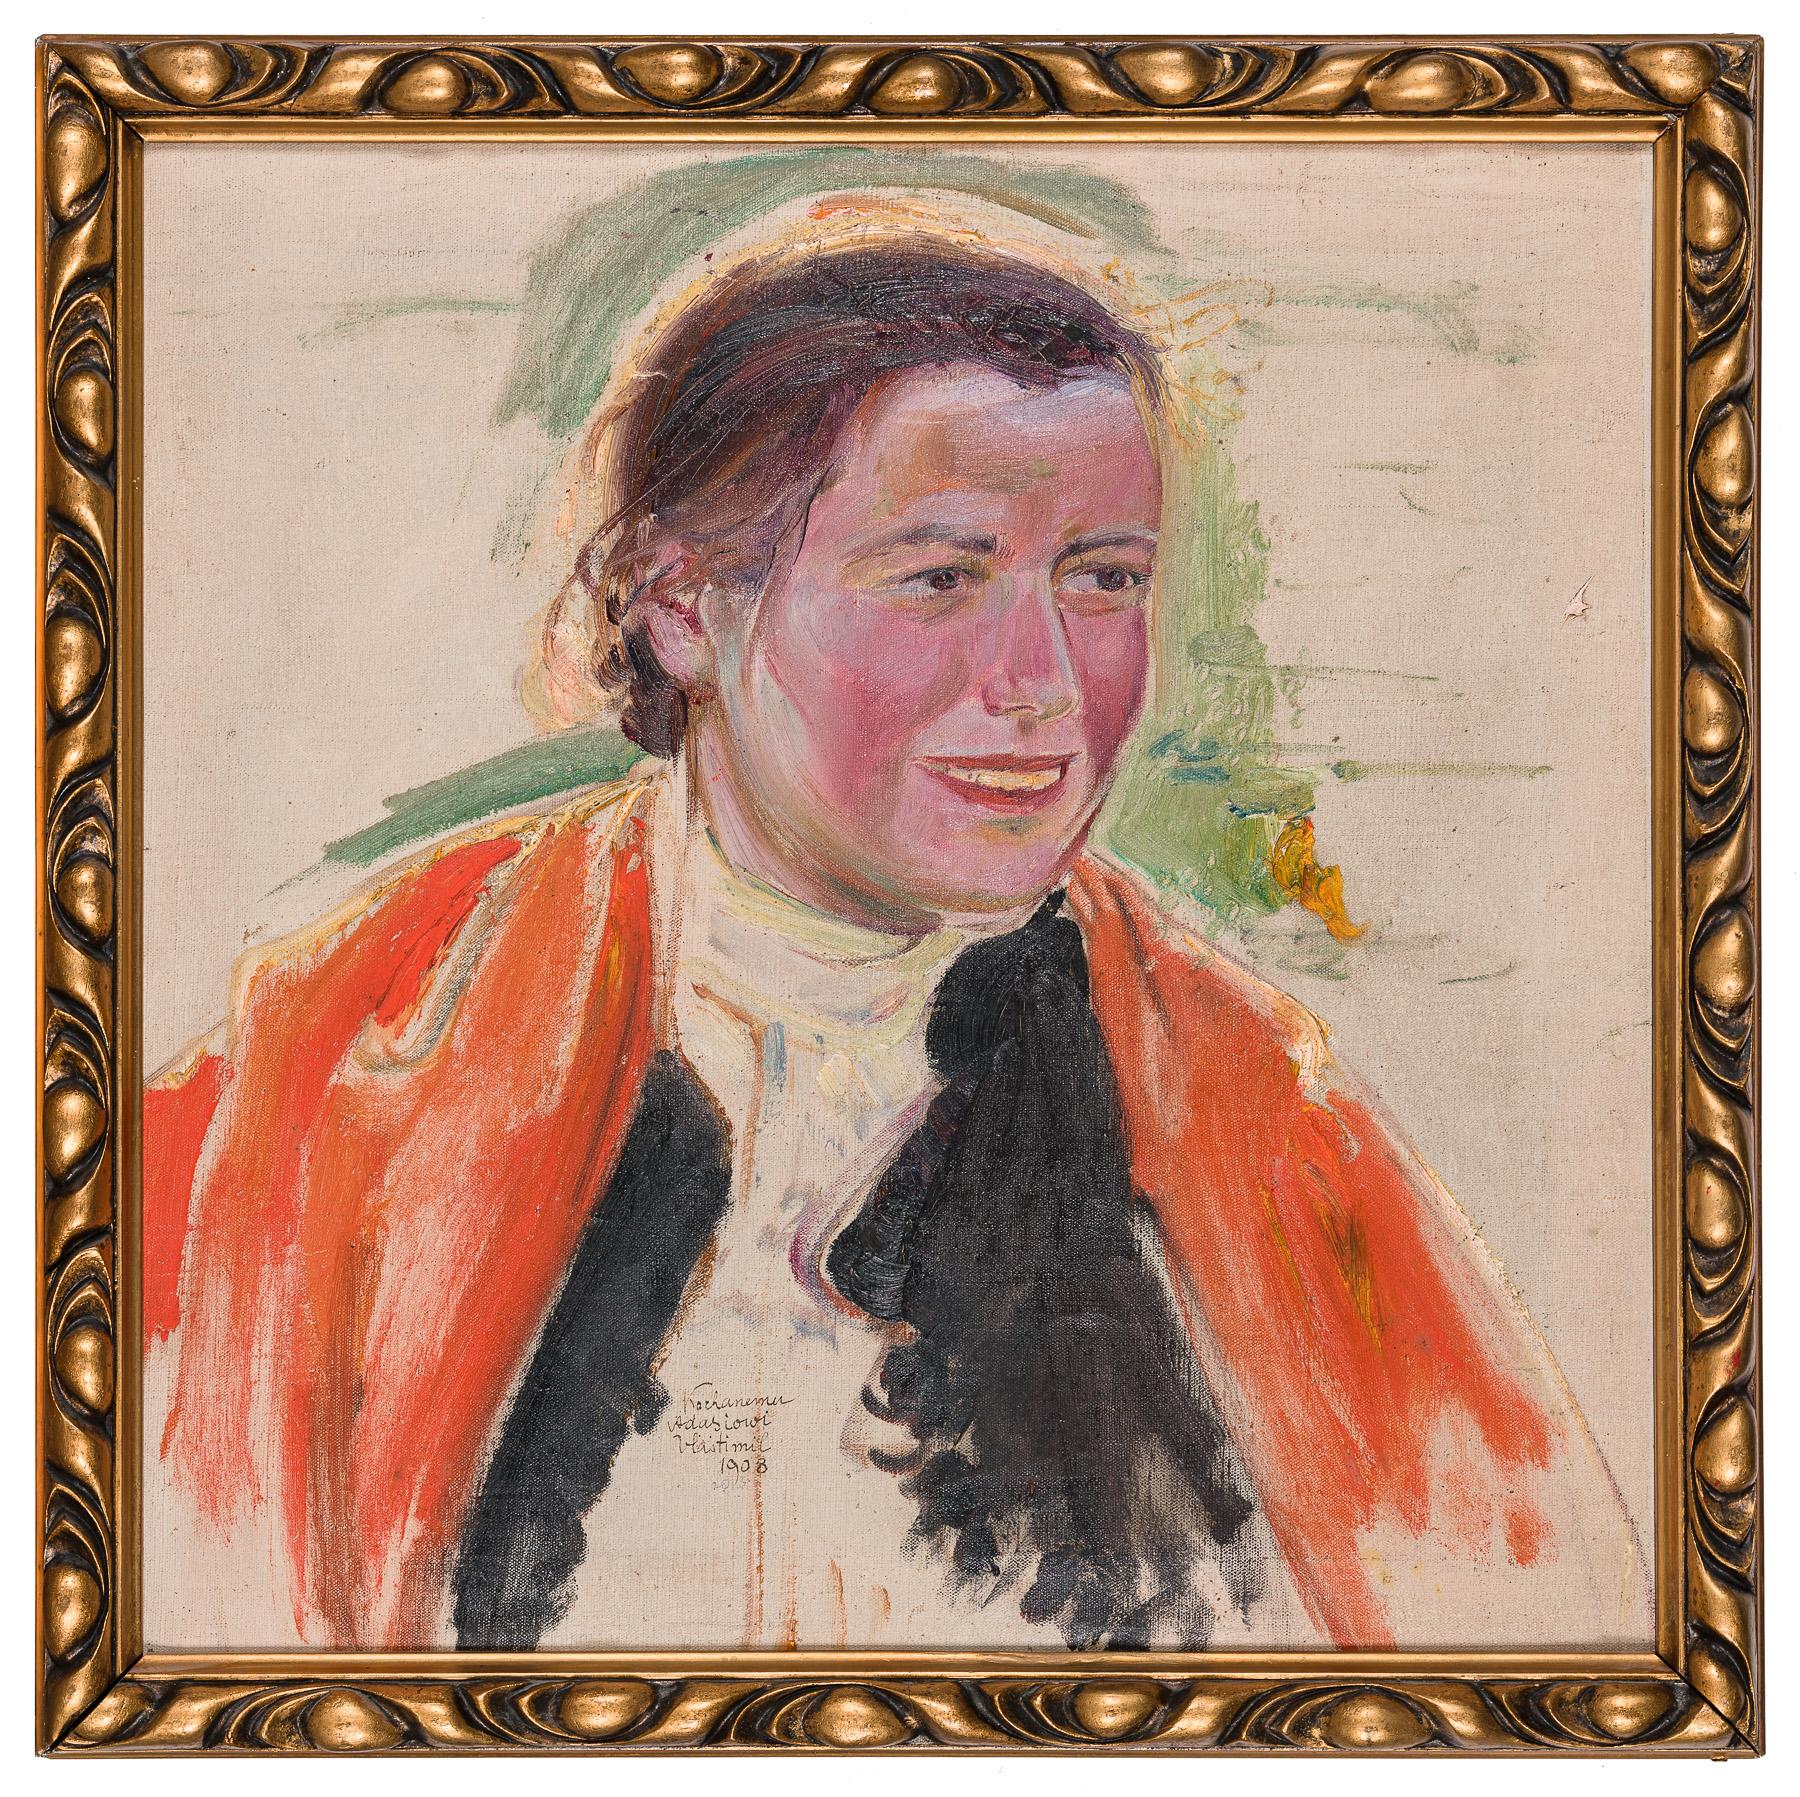 Portret kobiety w góralskiej chuście, 1908